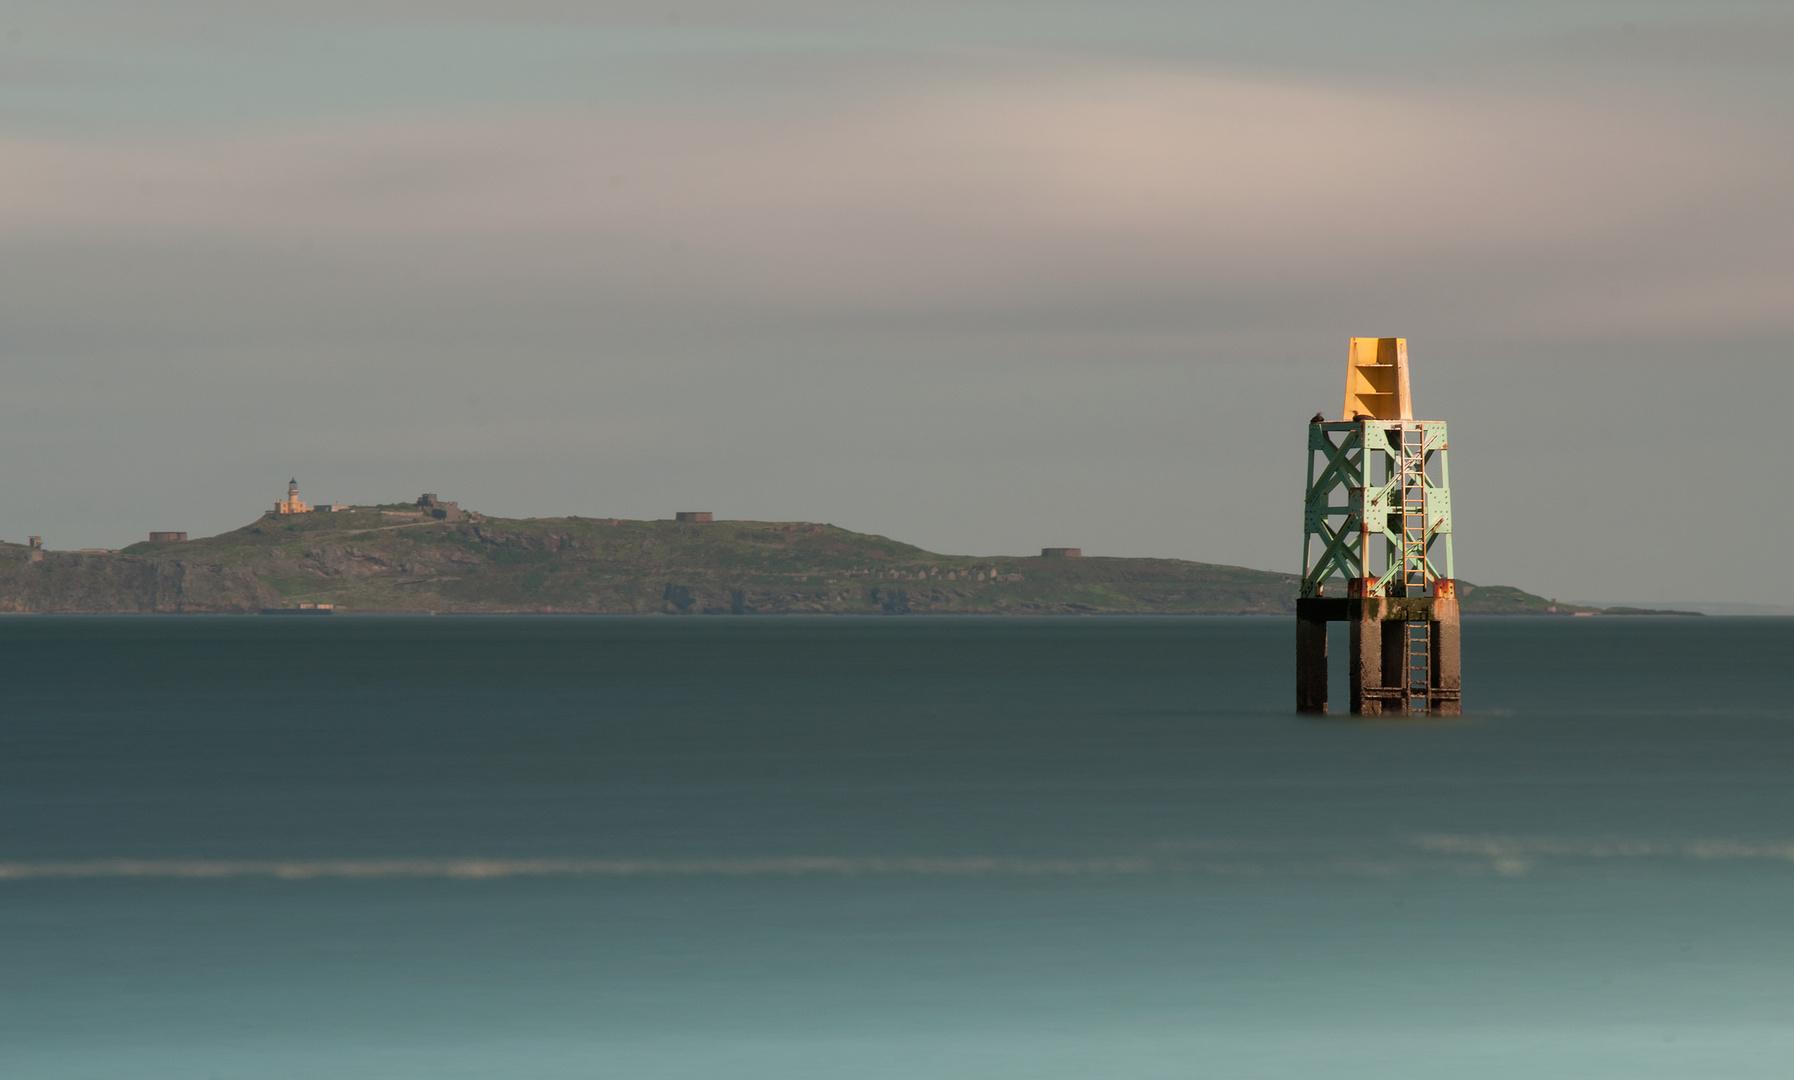 marine turret